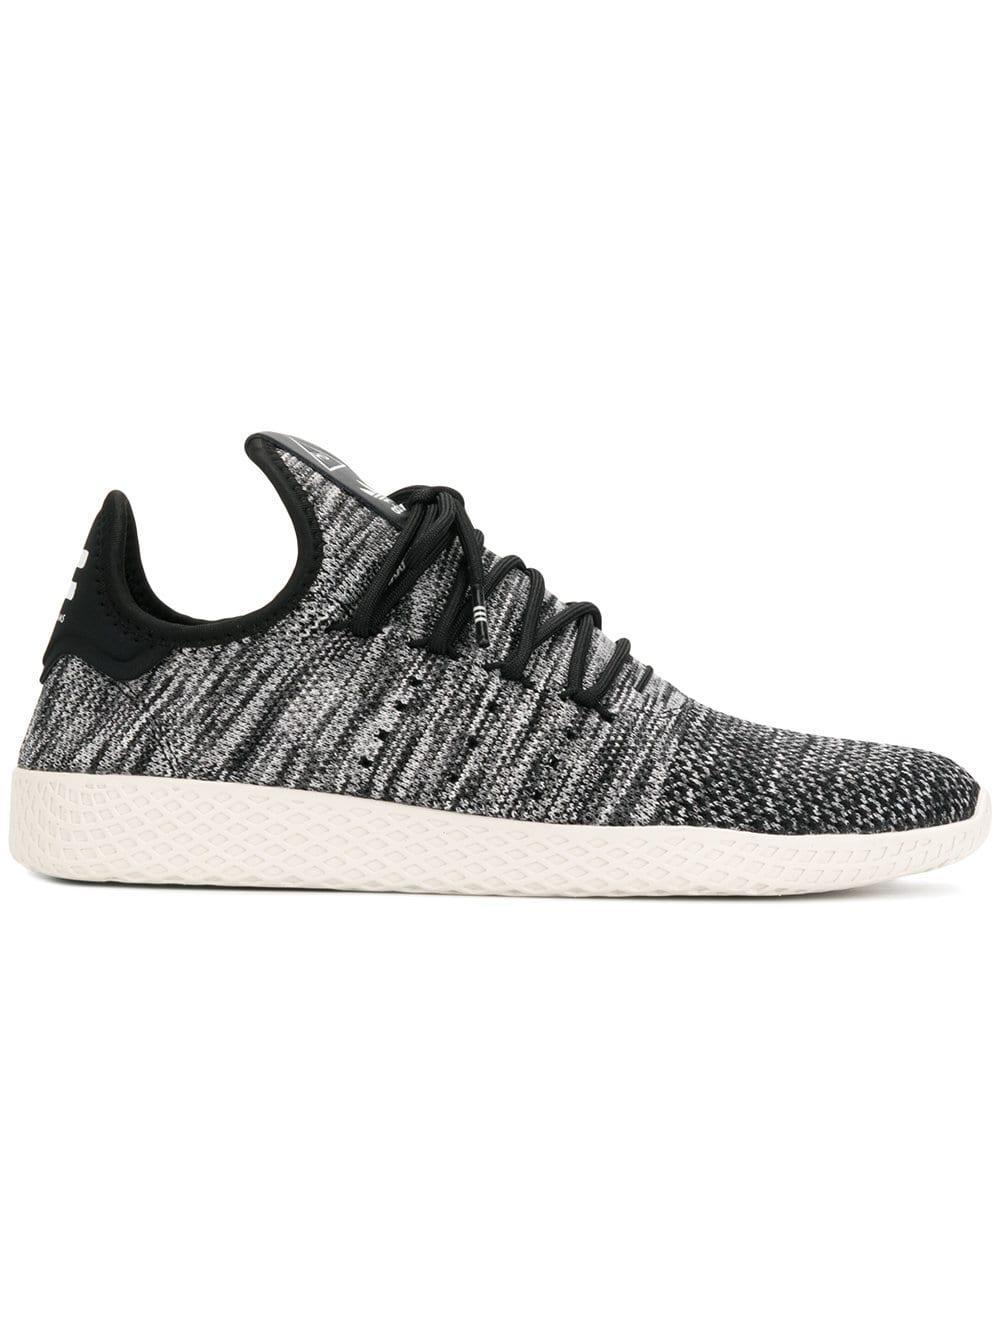 low priced e3d90 9d0e9 Adidas Originals - Gray Zapatillas Tennis Hu de Adidas x Pharell Williams -  Lyst. Ver en pantalla completa